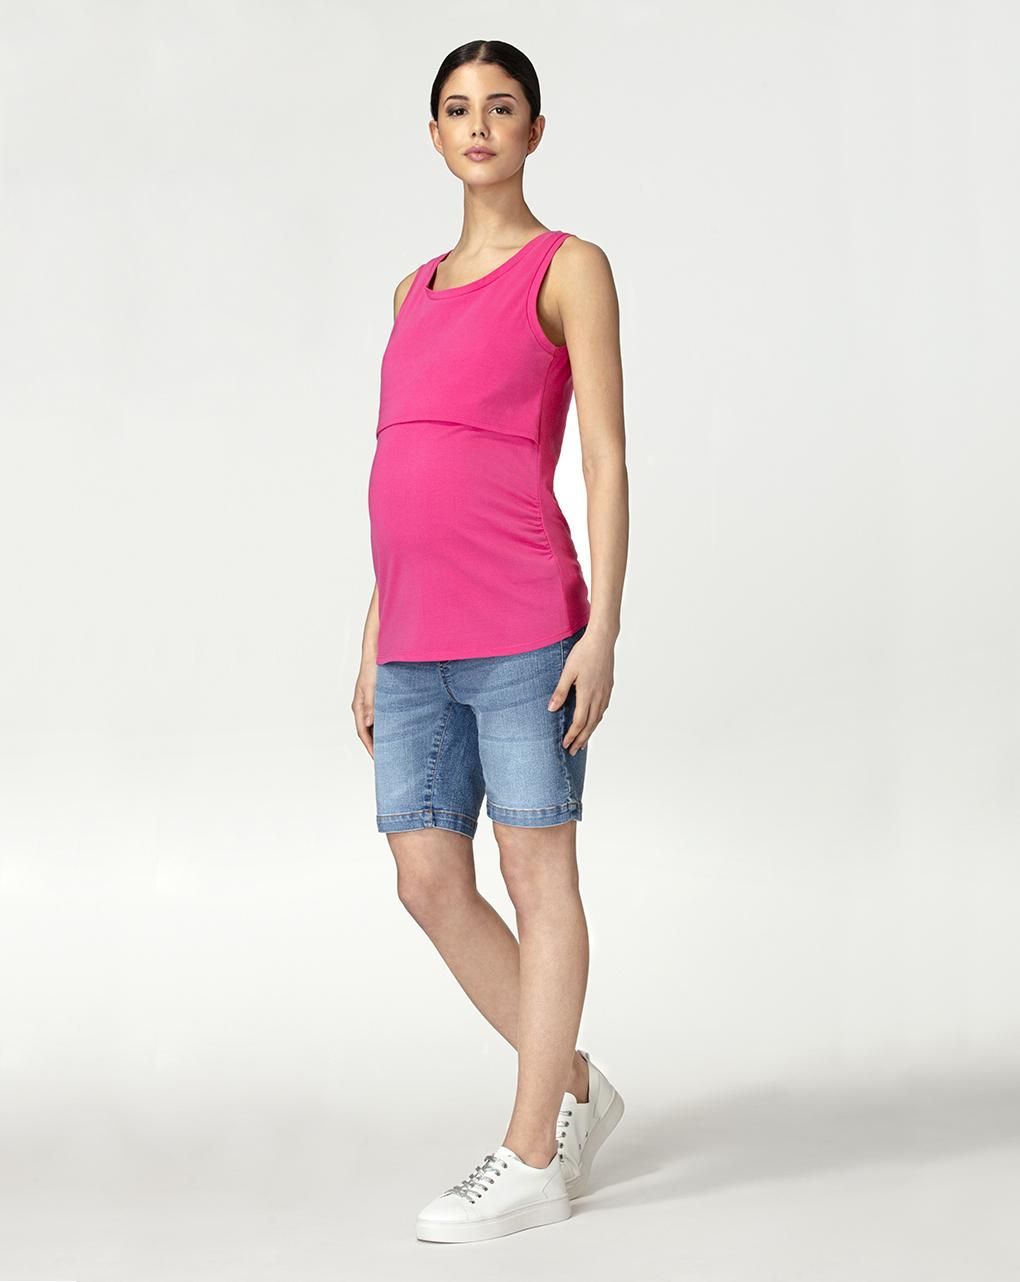 Γυναικεία Αμάνικη Μπλούζα Θηλασμού Φούξια